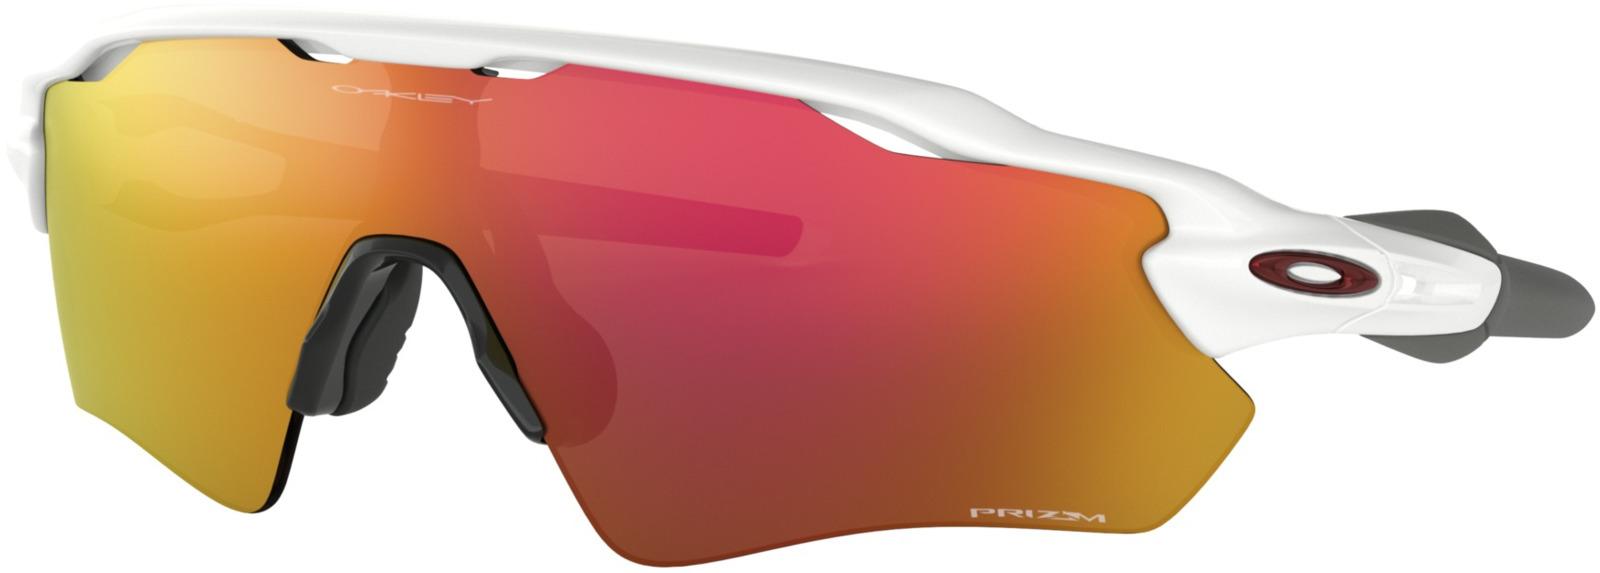 цена на Велосипедные очки Oakley Radar Ev Path Polished, цвет: белый